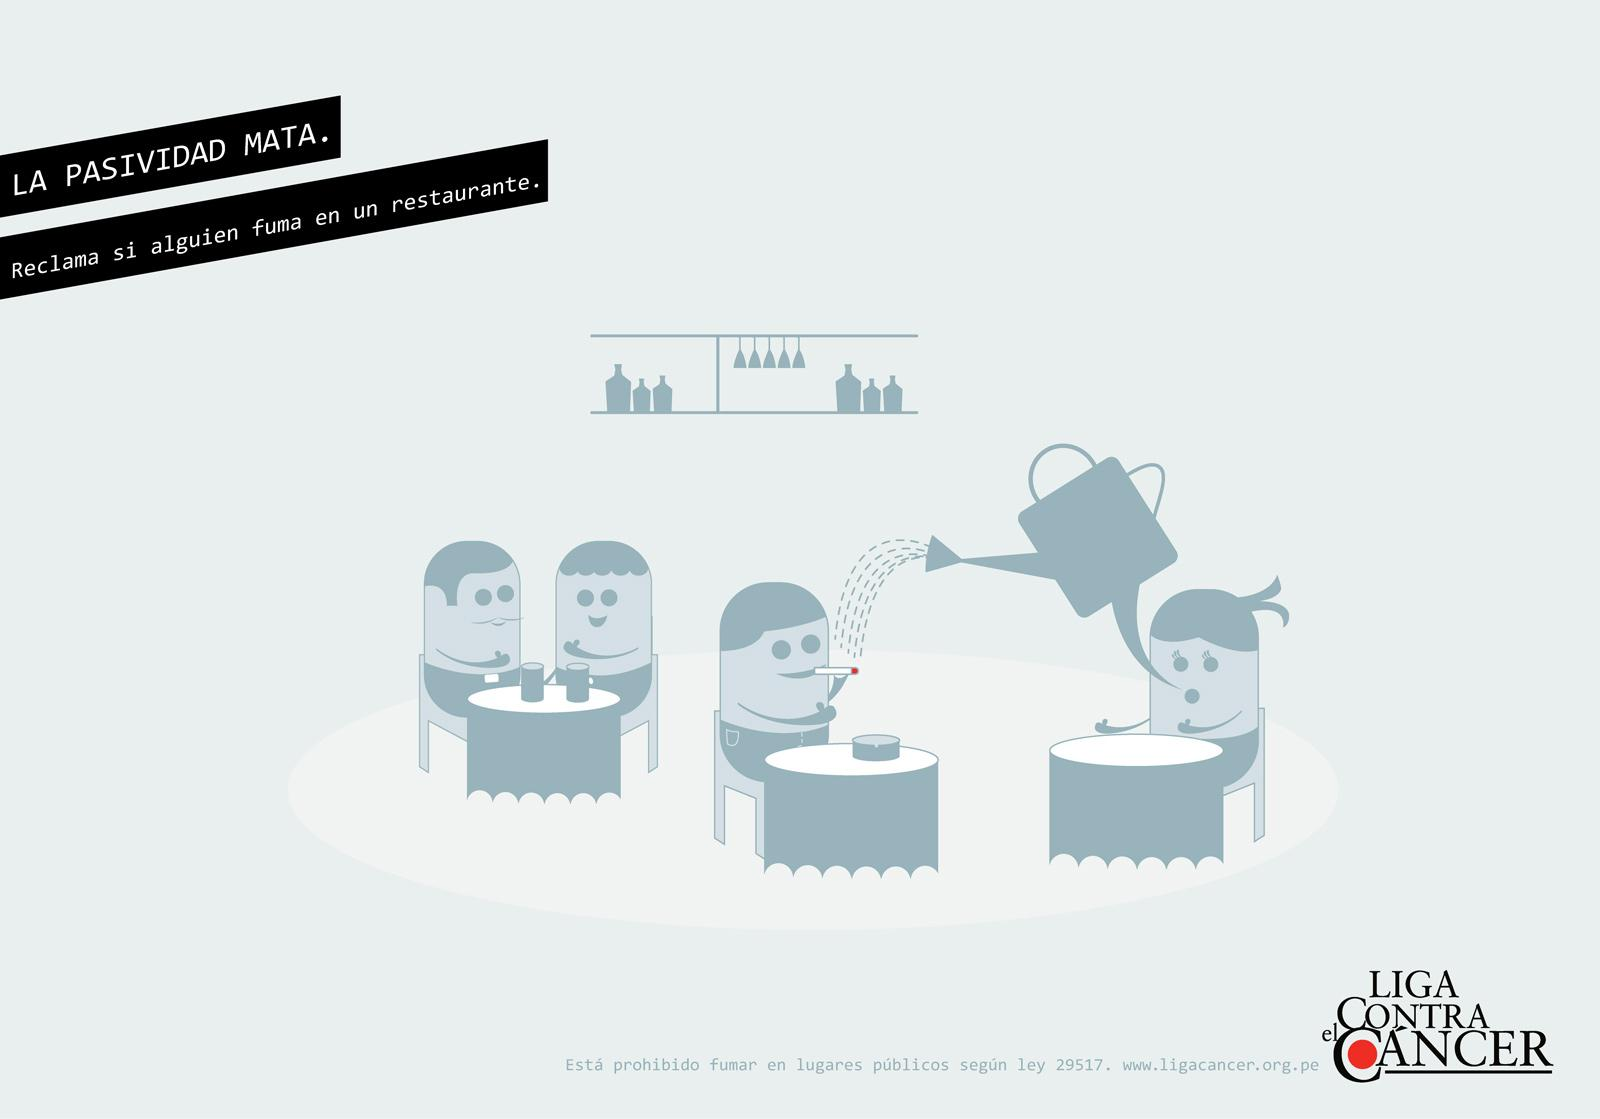 Liga Contra el Cancer Print Ad -  Restaurant